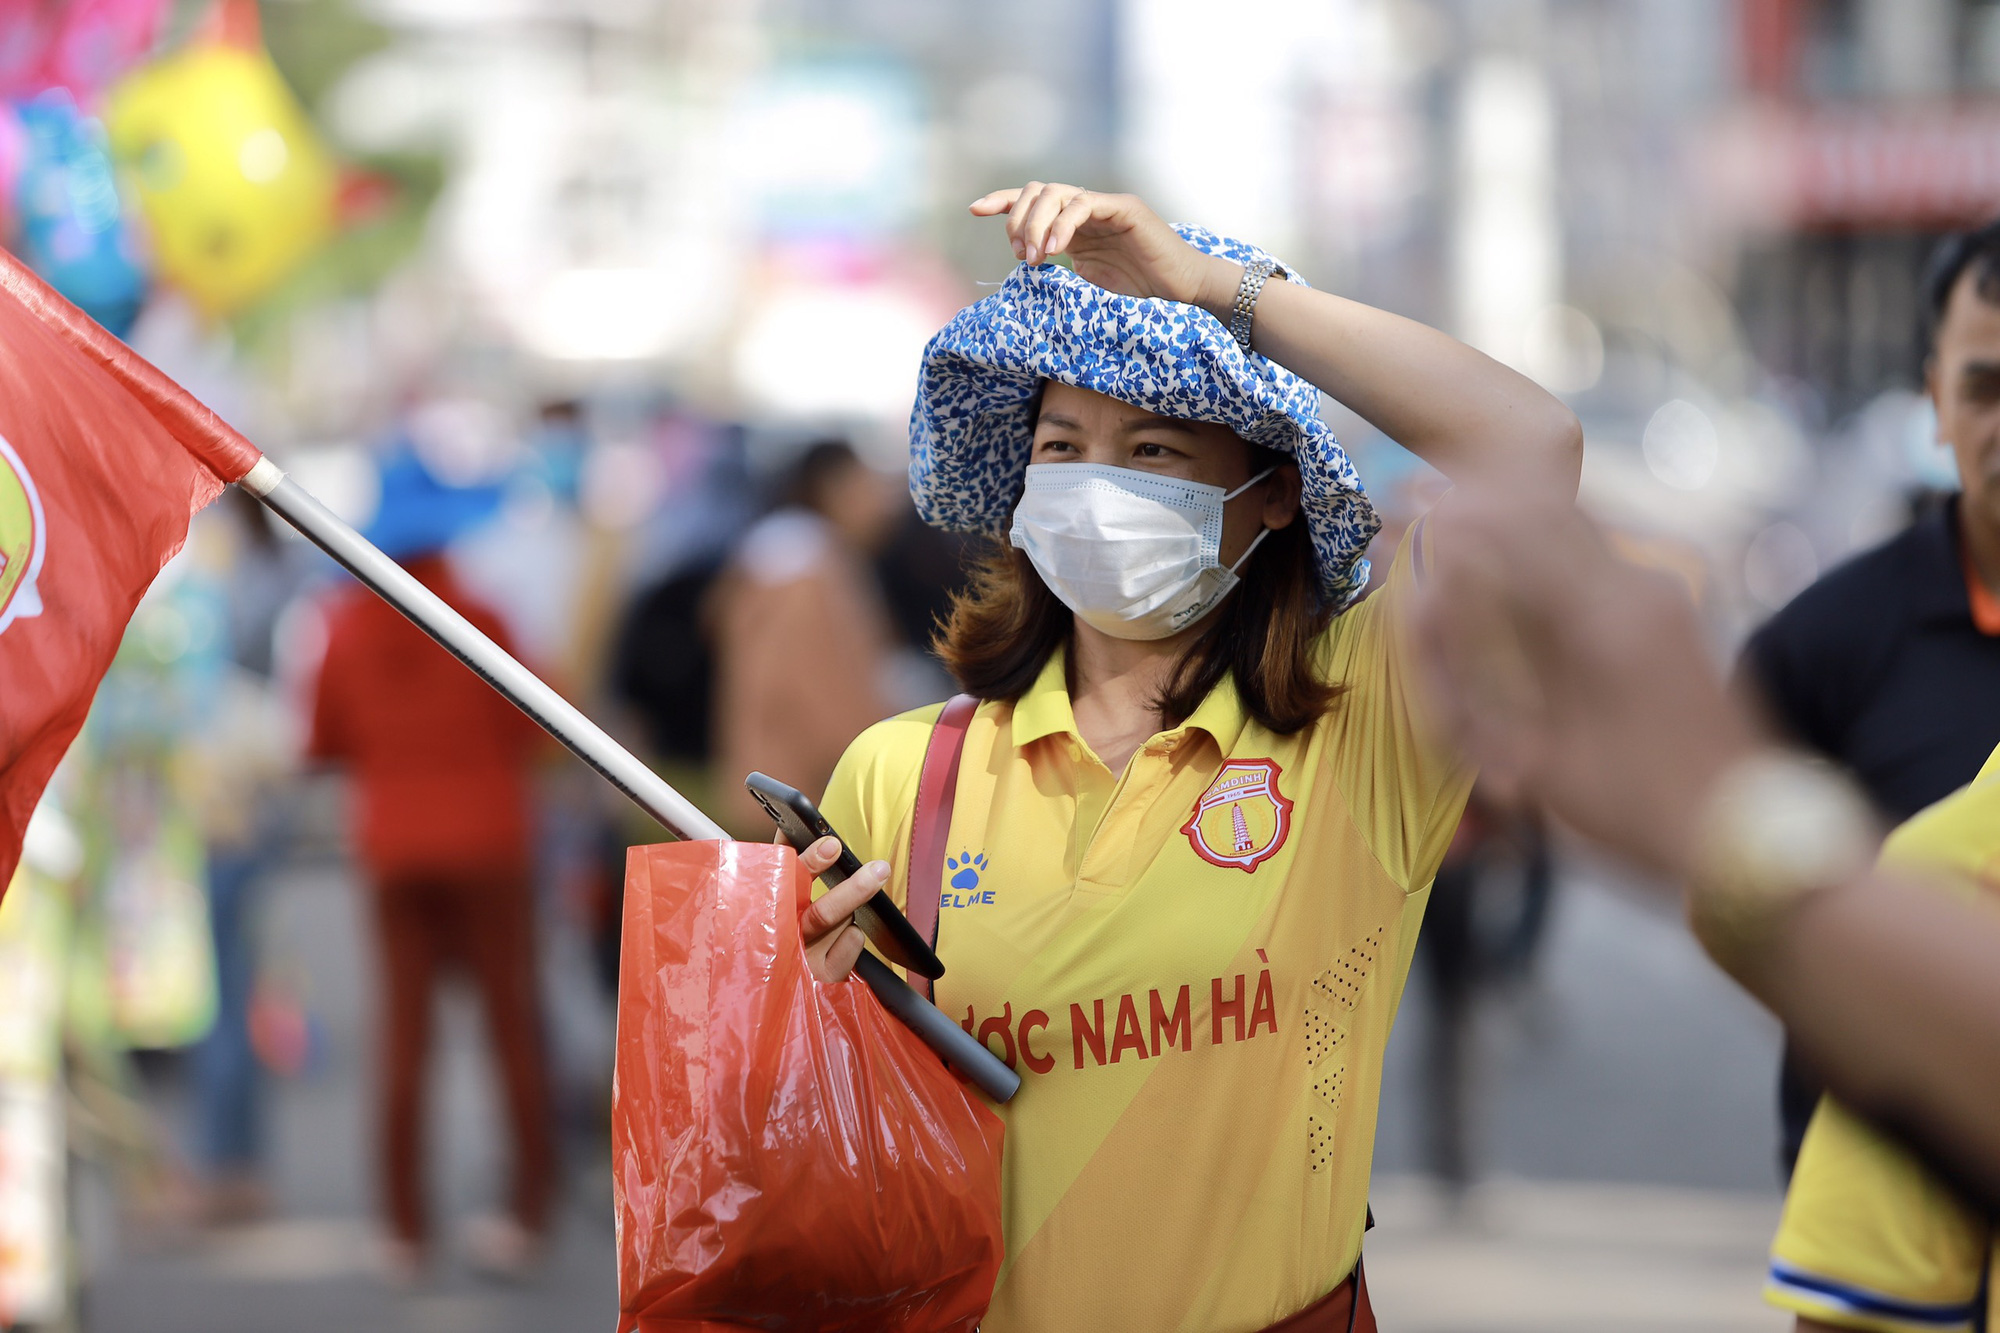 CĐV Nam Định đốt pháo sáng, không cần vé vẫn được vào sân HAGL - Ảnh 5.